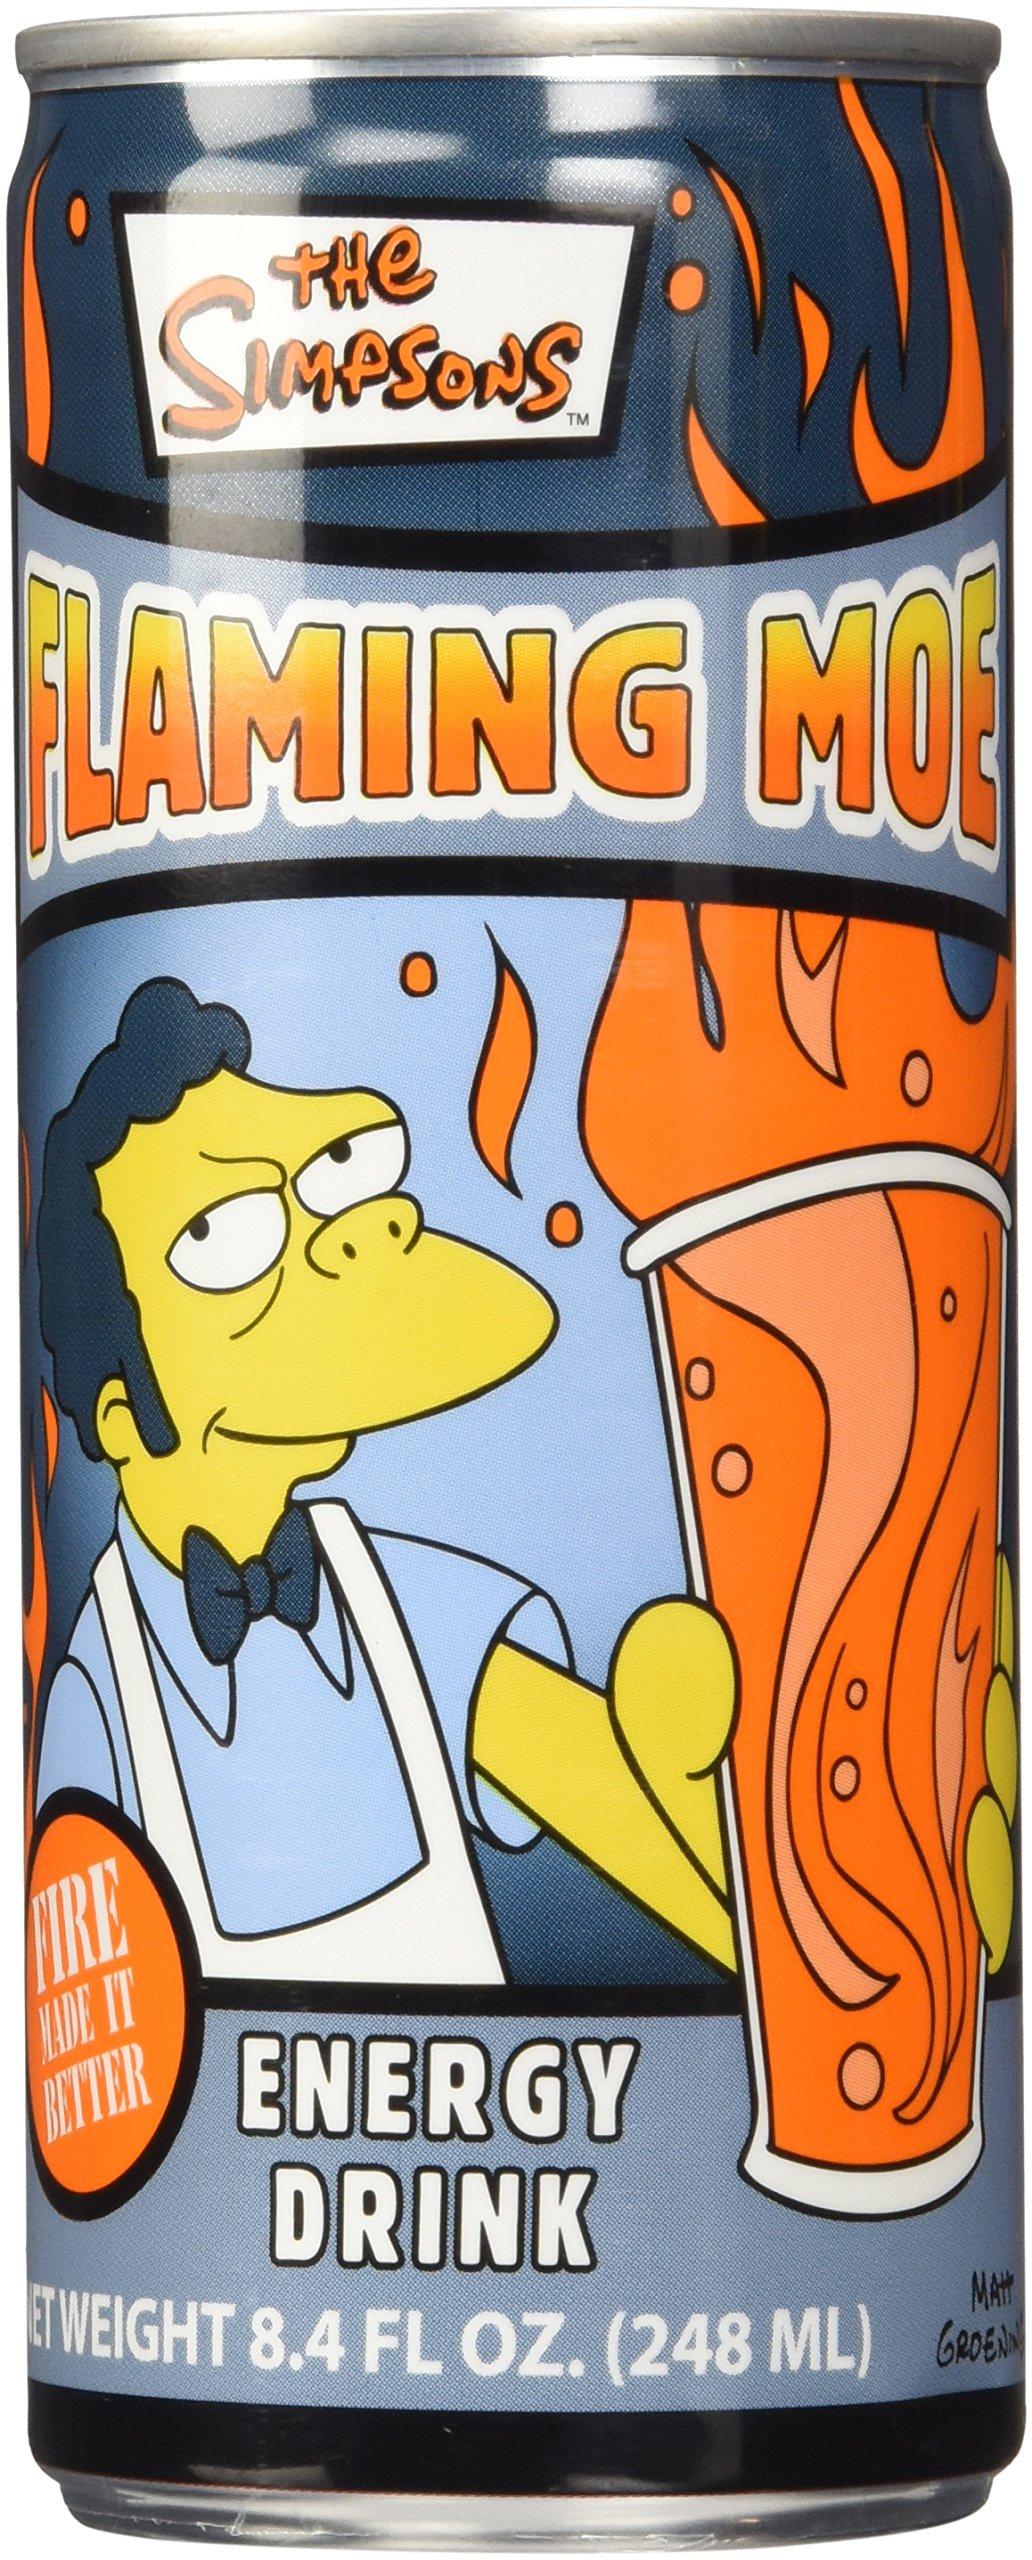 The Simpsons Flaming Moe Energy Drink,8.4 FL OZ.